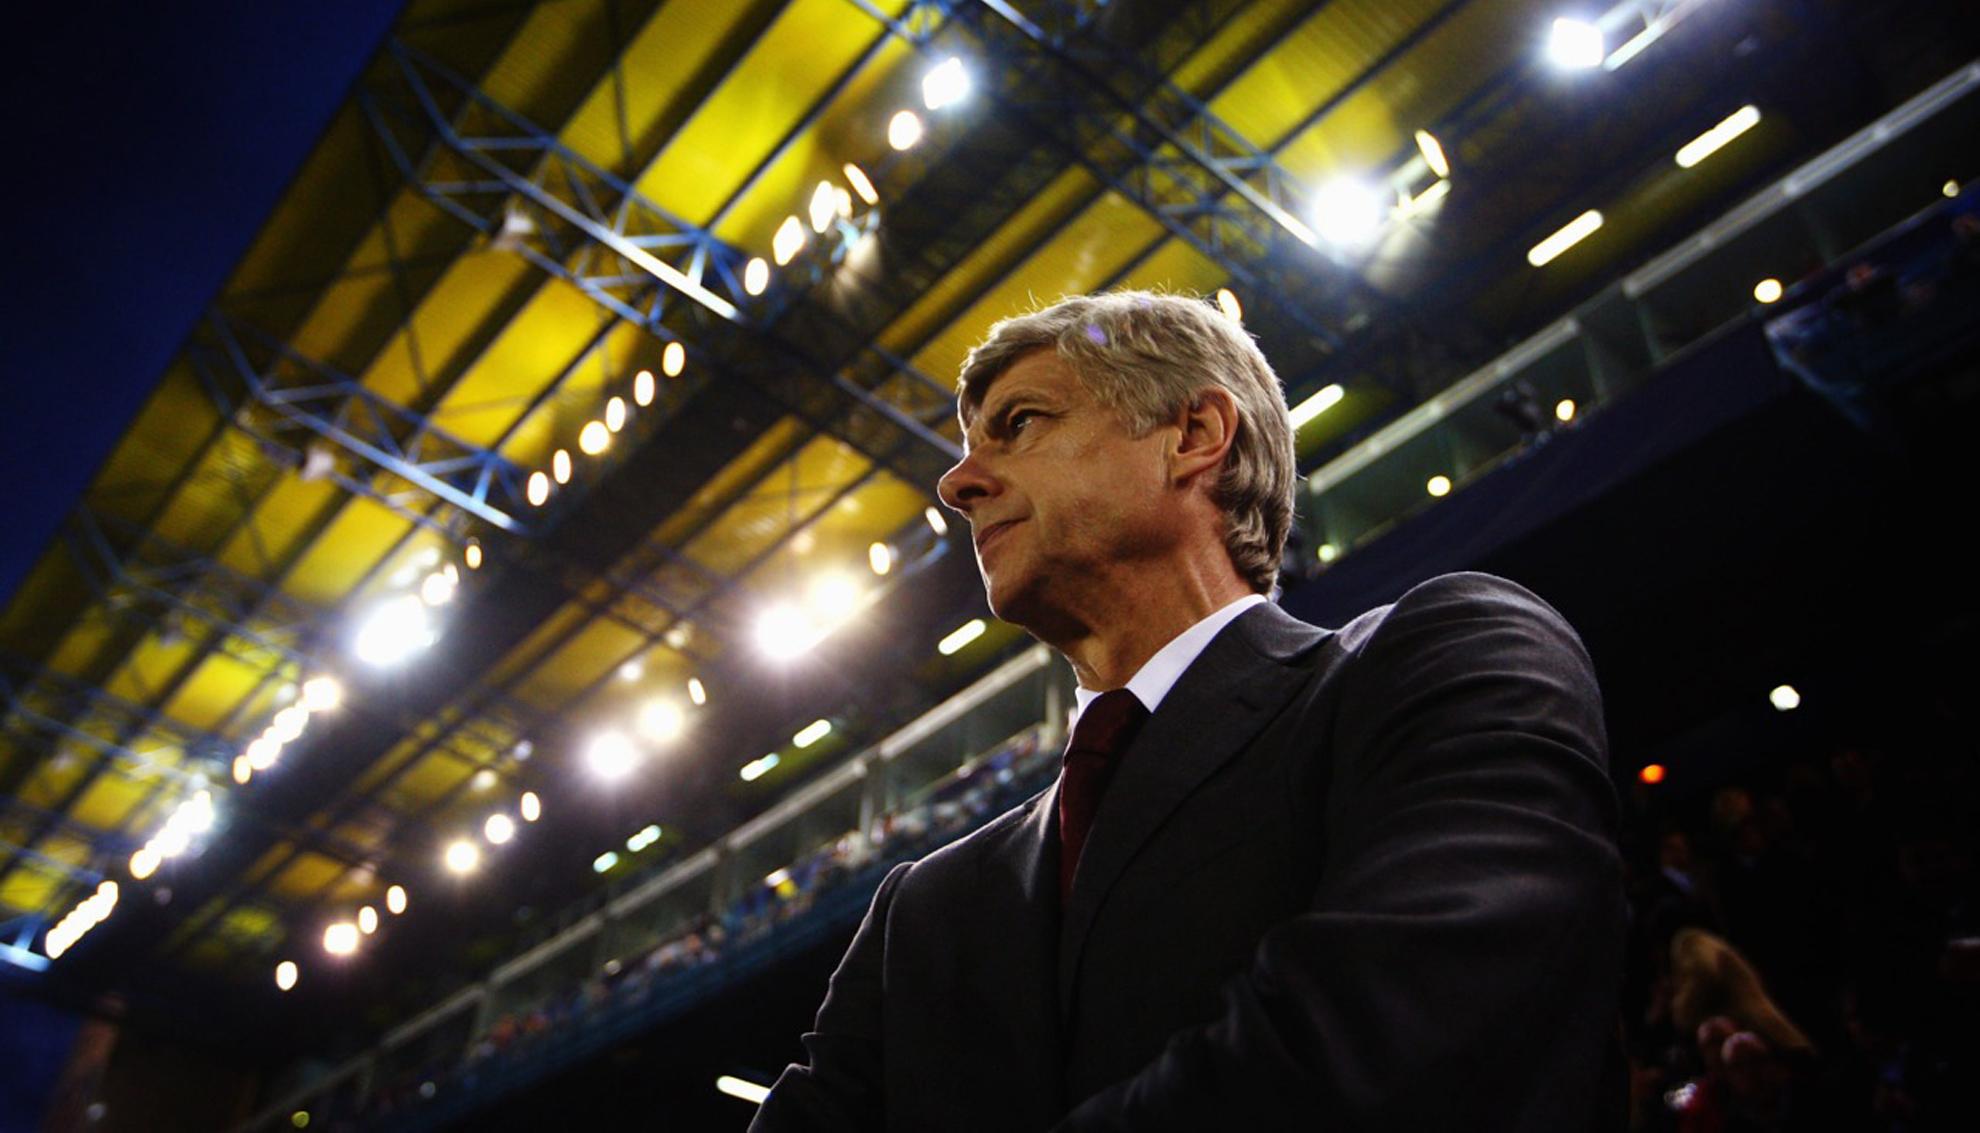 El brazalete de Wenger: éxitos, fracasos y ambición